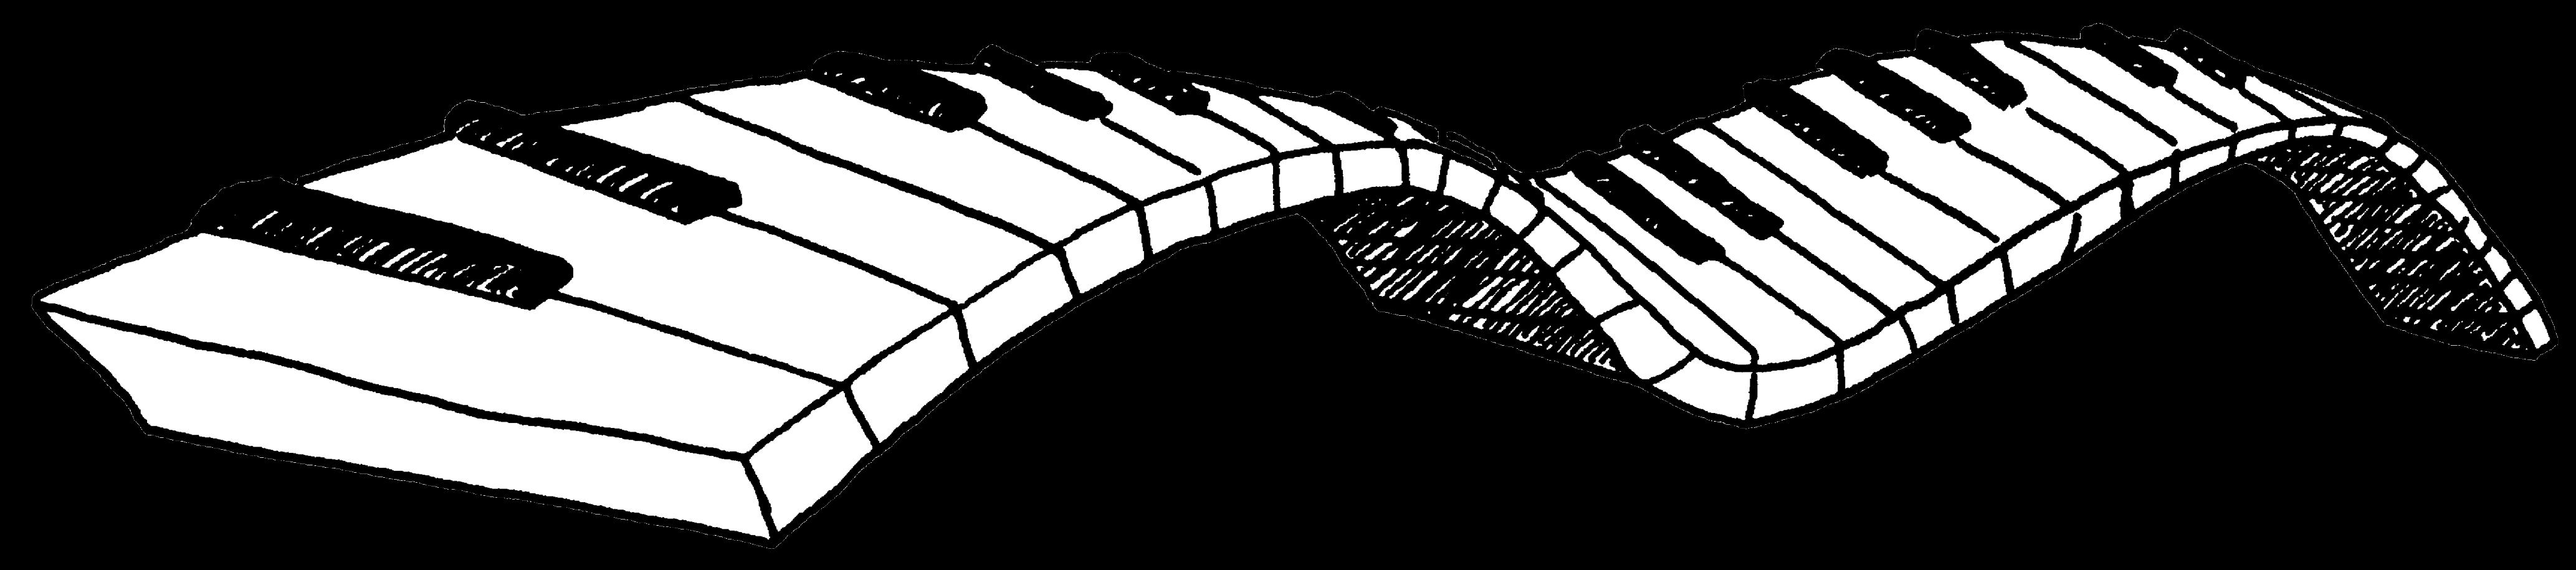 Eagle clipartmonk free clip. Piano clipart sketches